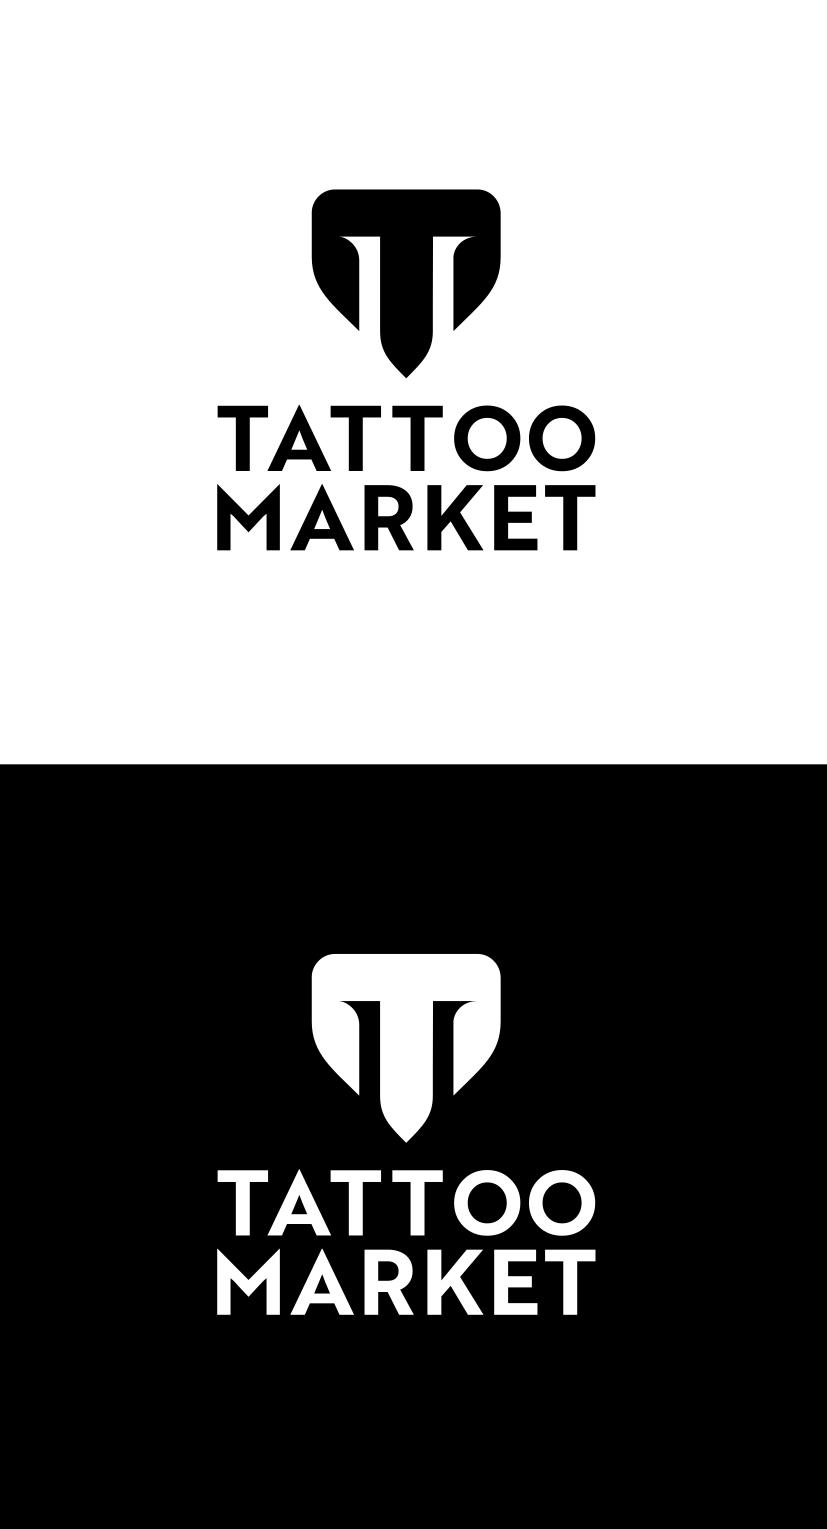 Редизайн логотипа магазина тату оборудования TattooMarket.ru фото f_9925c4301939d74c.png